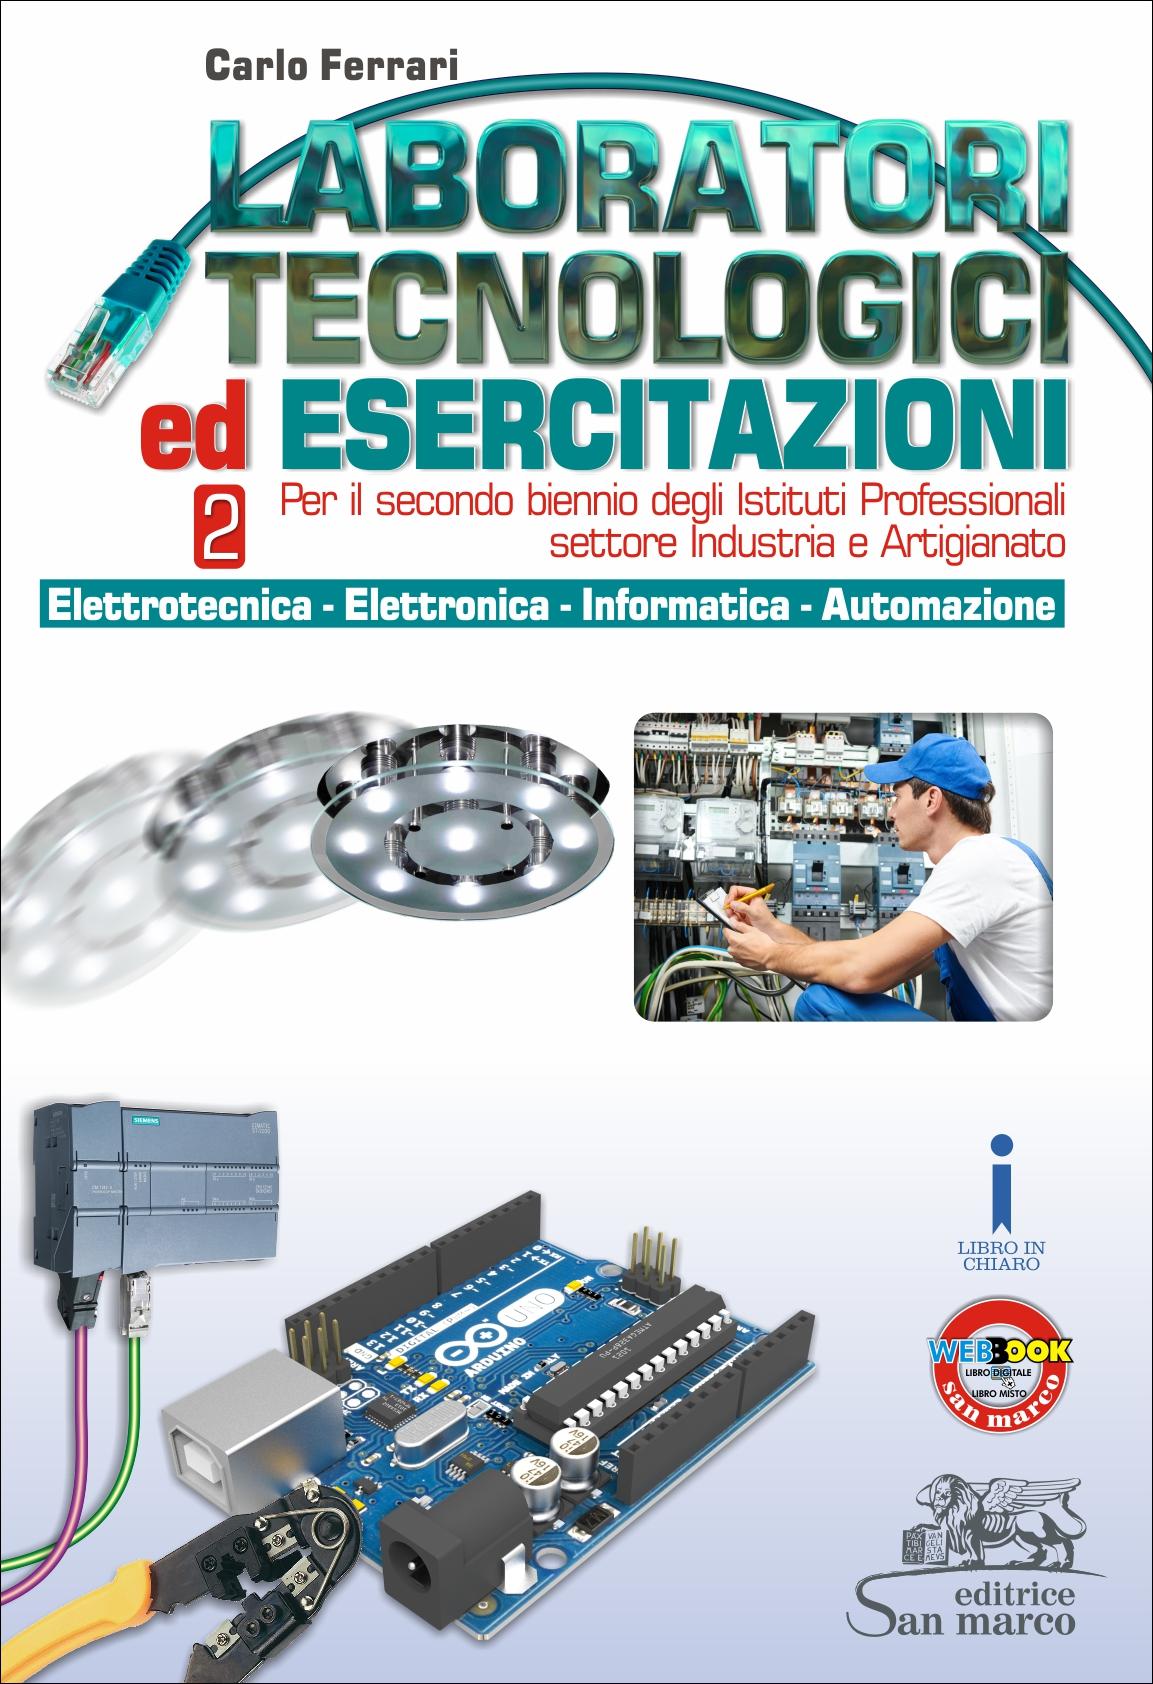 Laboratori Tecnologici ed Esercitazioni 2 - Elettrotecnica - Elettronica - Informatica - Automazione